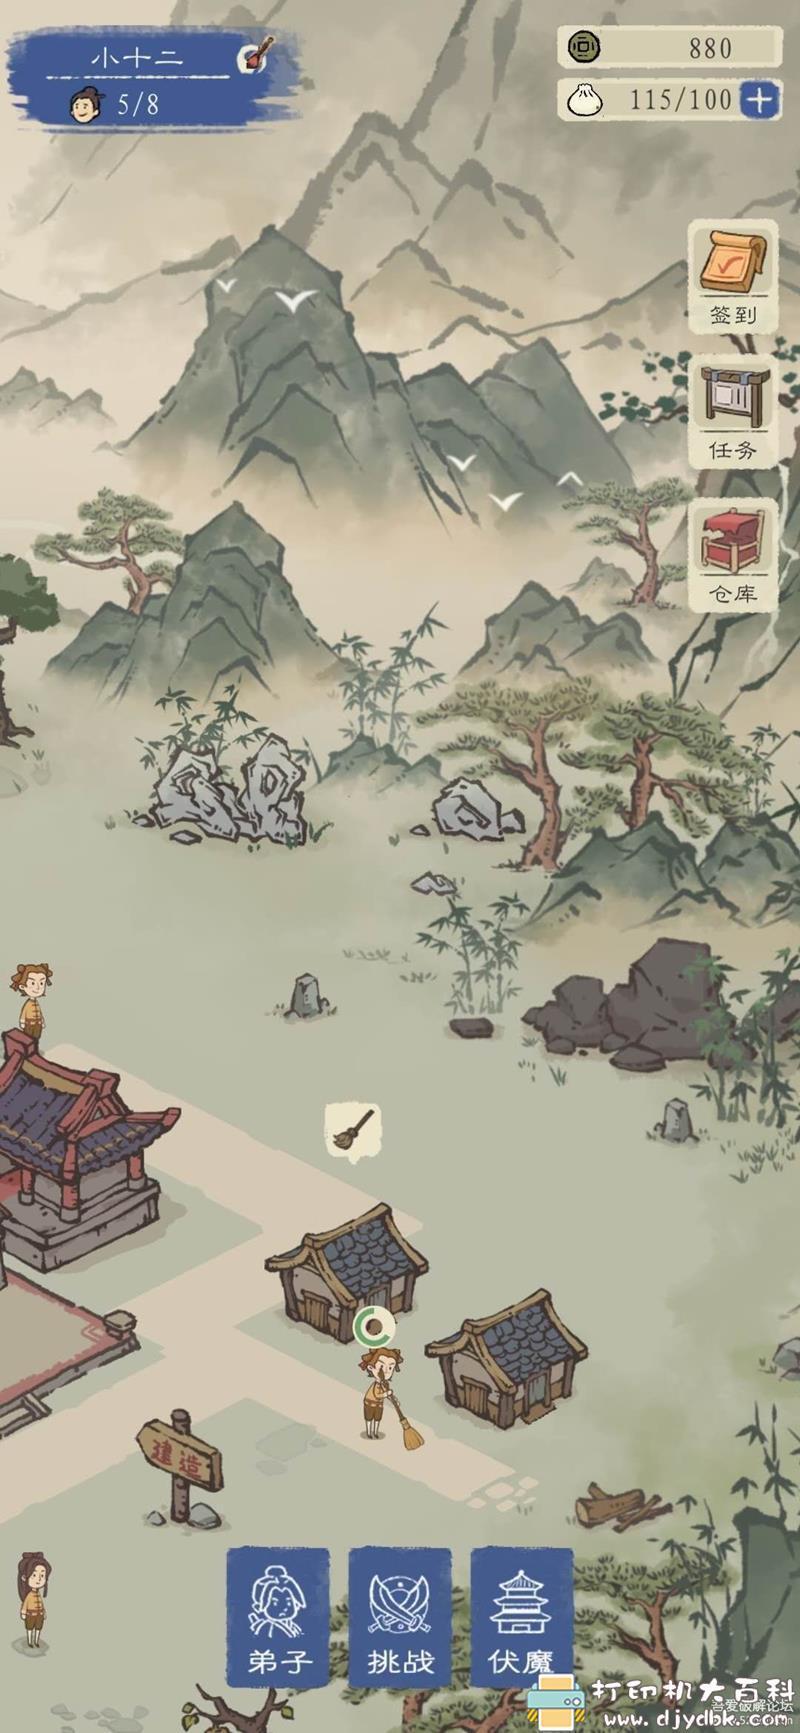 安卓游戏分享:最强门派1.02,金币不减反增版 配图 No.2